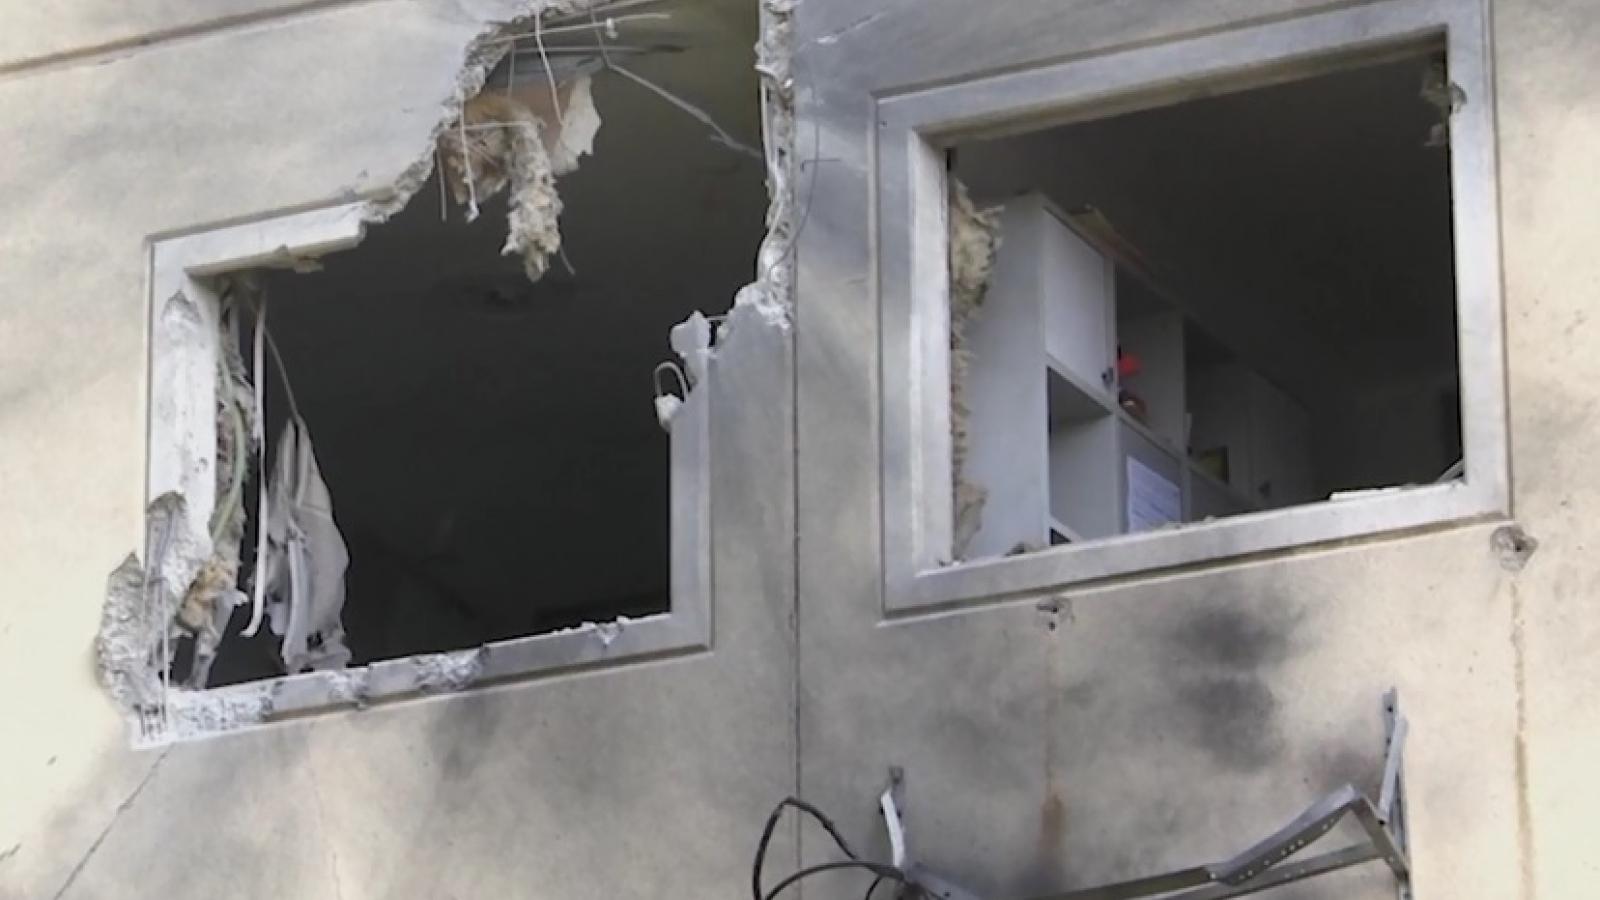 Nhà cửa người dân Israel hư hại do loạt rocket dữ dội phóng từ Gaza sang